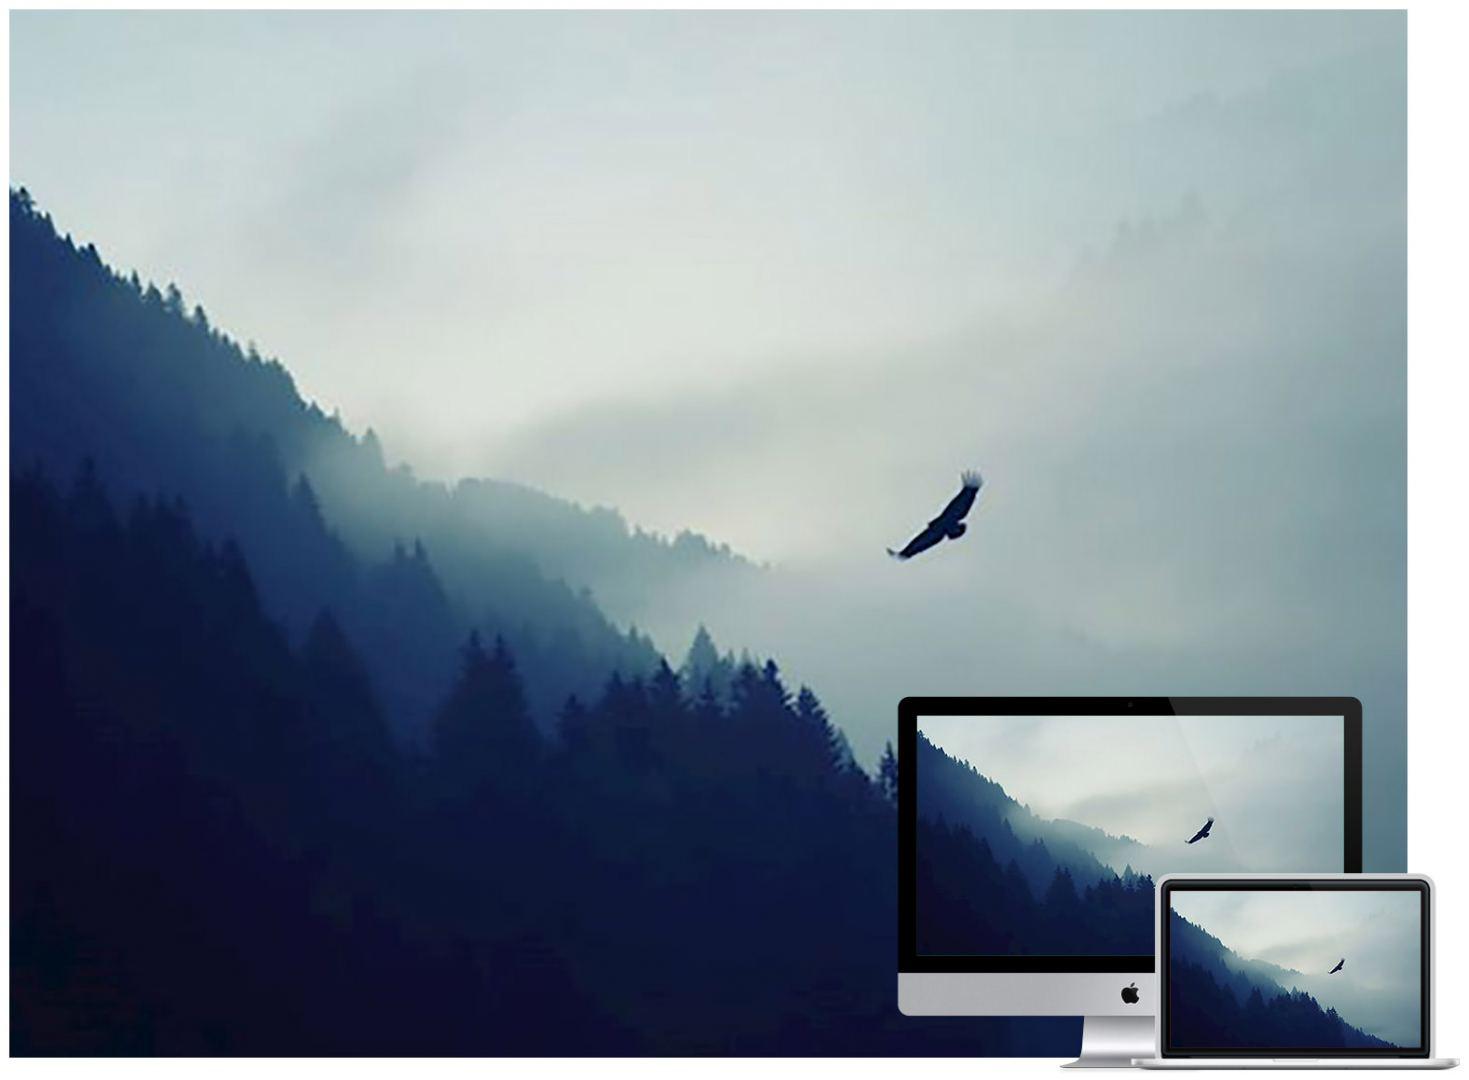 eagle-fog-mountains-wallpaper